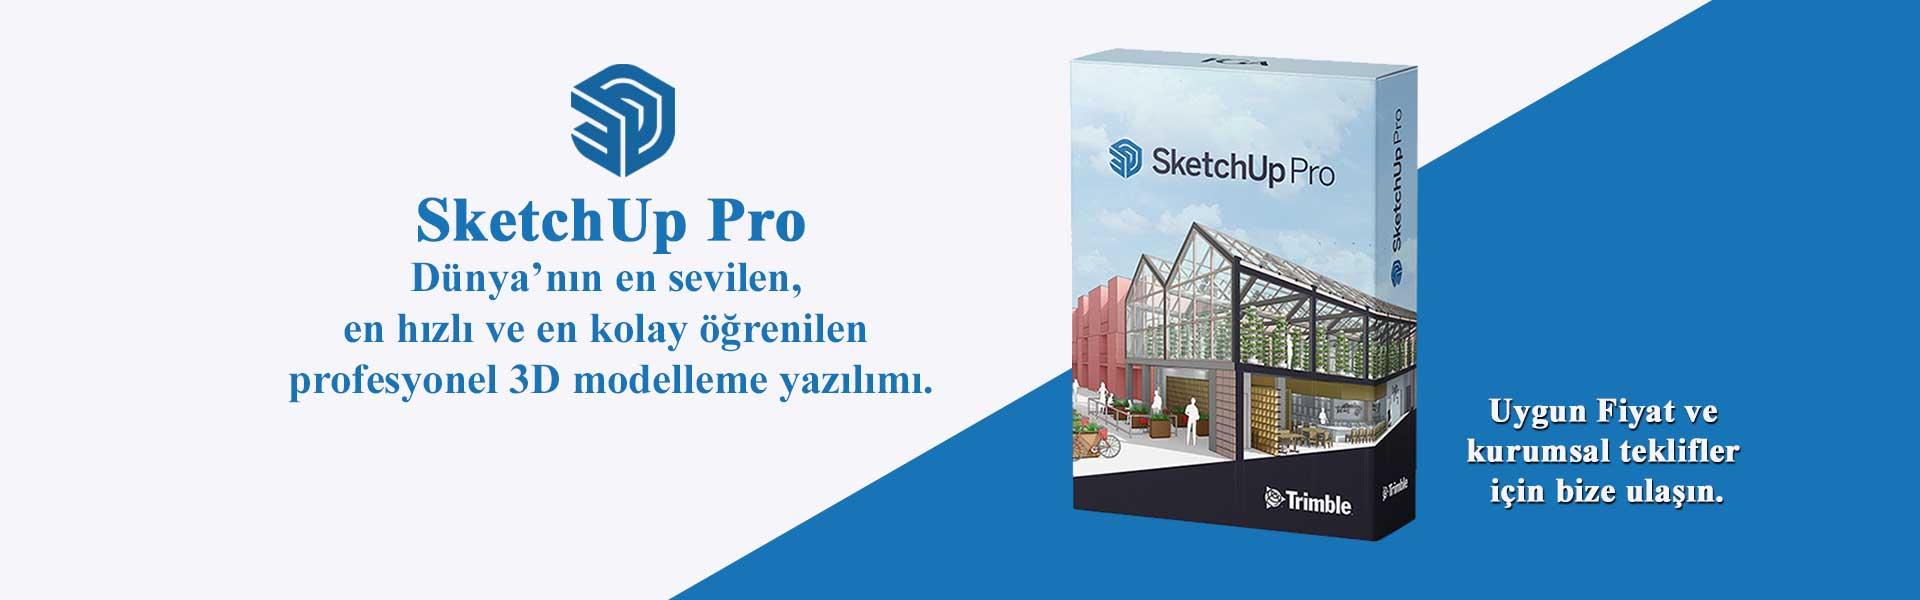 Sketchup-pro-fiyat